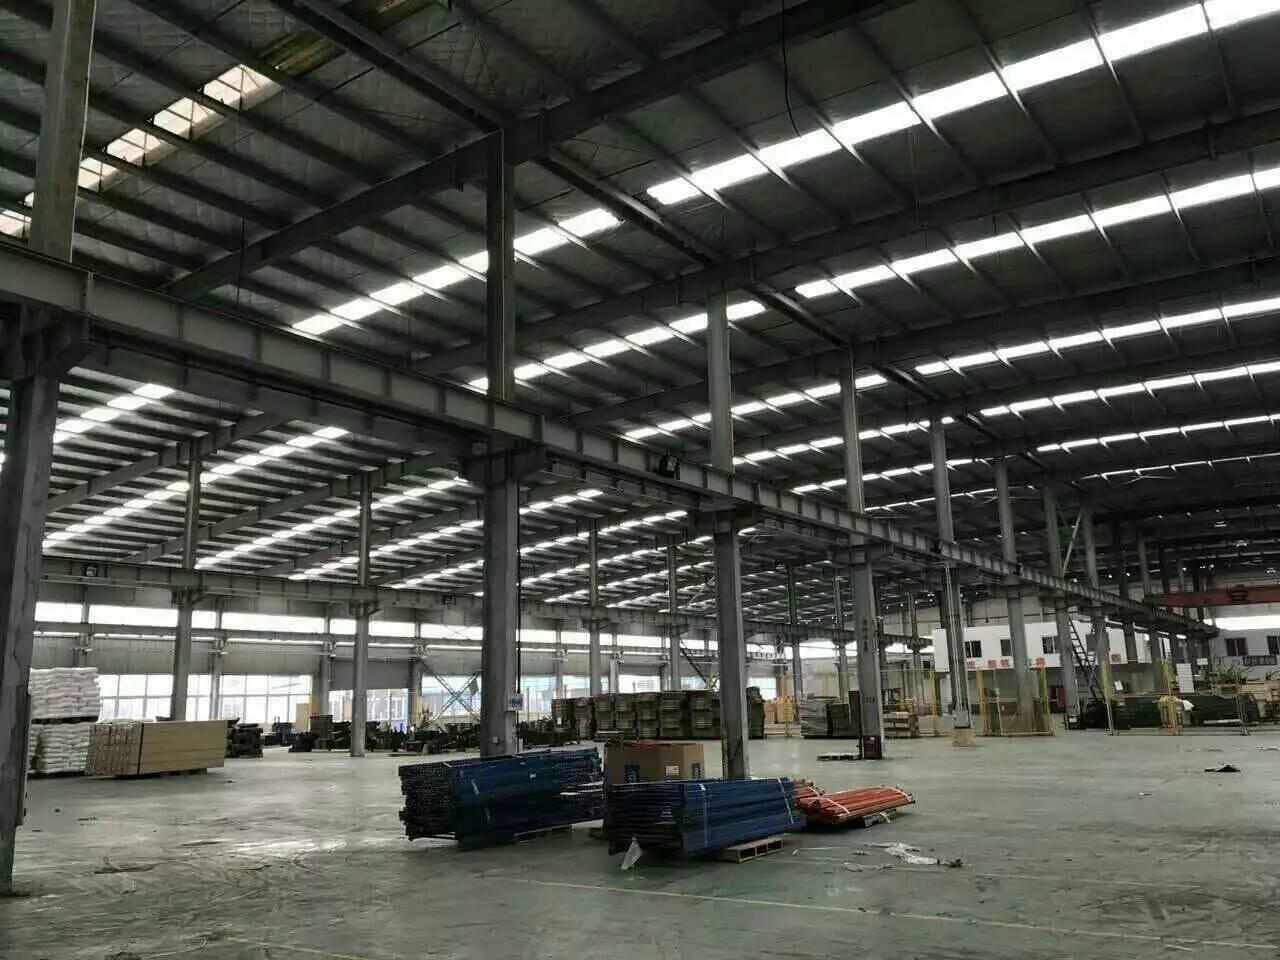 宁波钢结构厂房-圆弧造型钢结构厂房材料建造找海涛金属材料